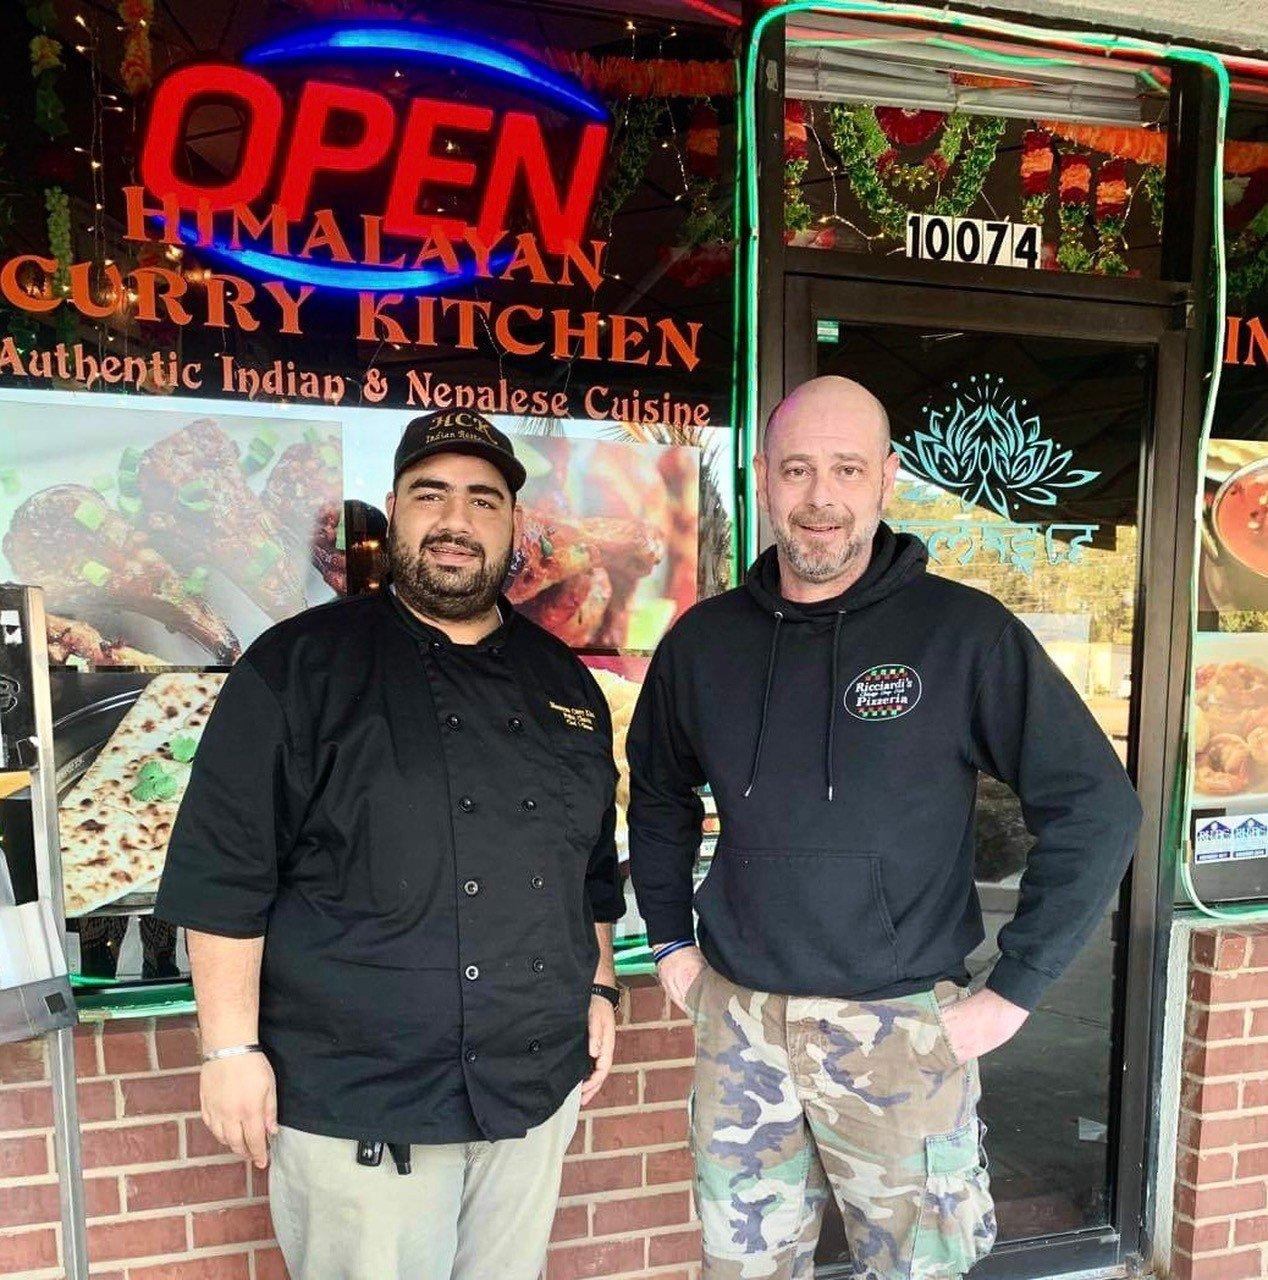 himalayan_curry_kitchen-img_2348-cf75b353c1ea83e7.jpg